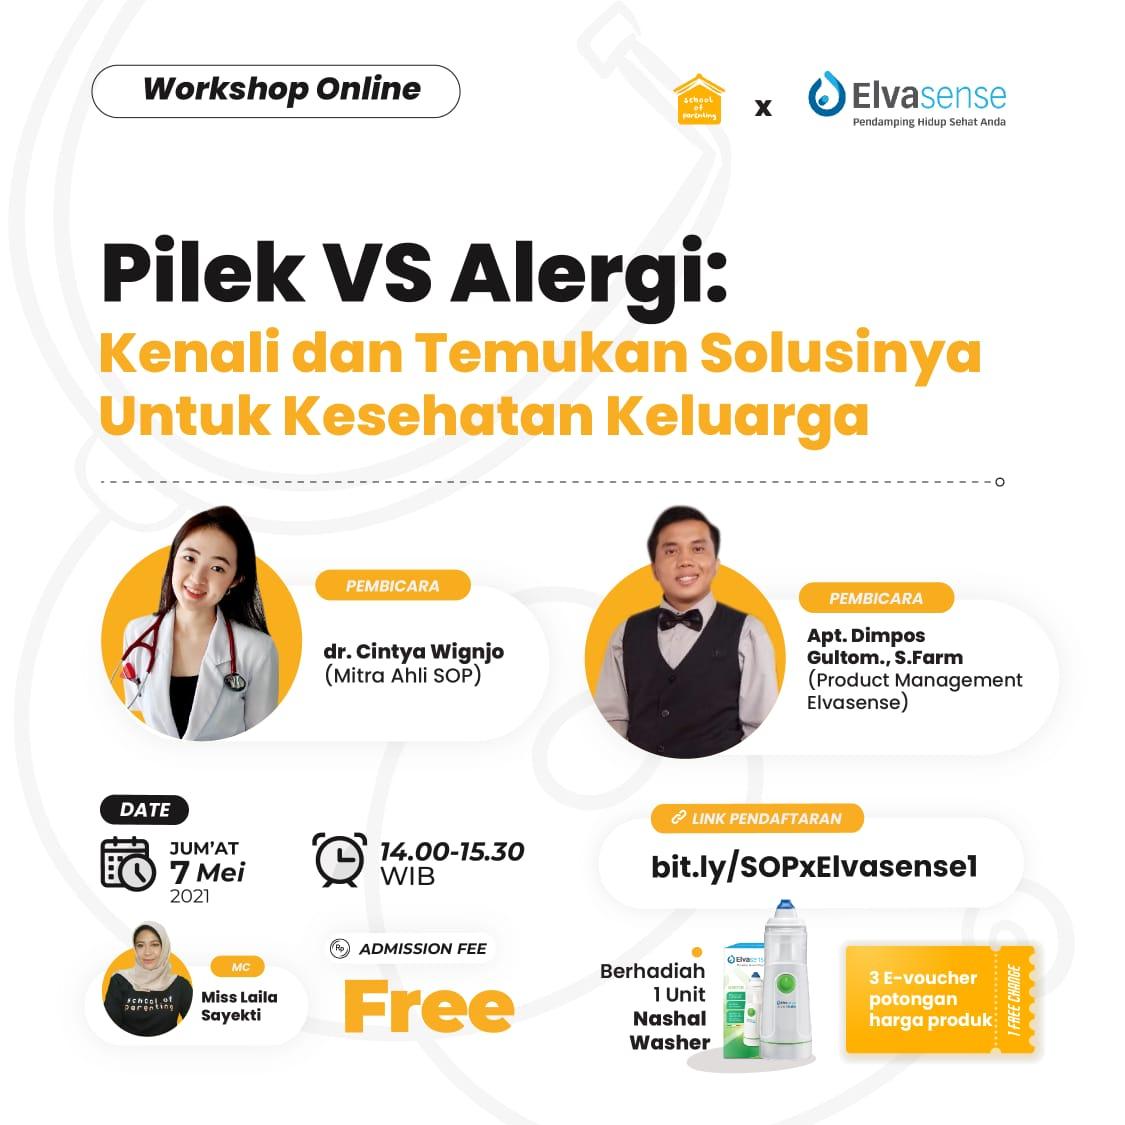 Pilek VS Alergi: Kenali dan Temukan Solusinya Untuk Kesehatan Keluarga